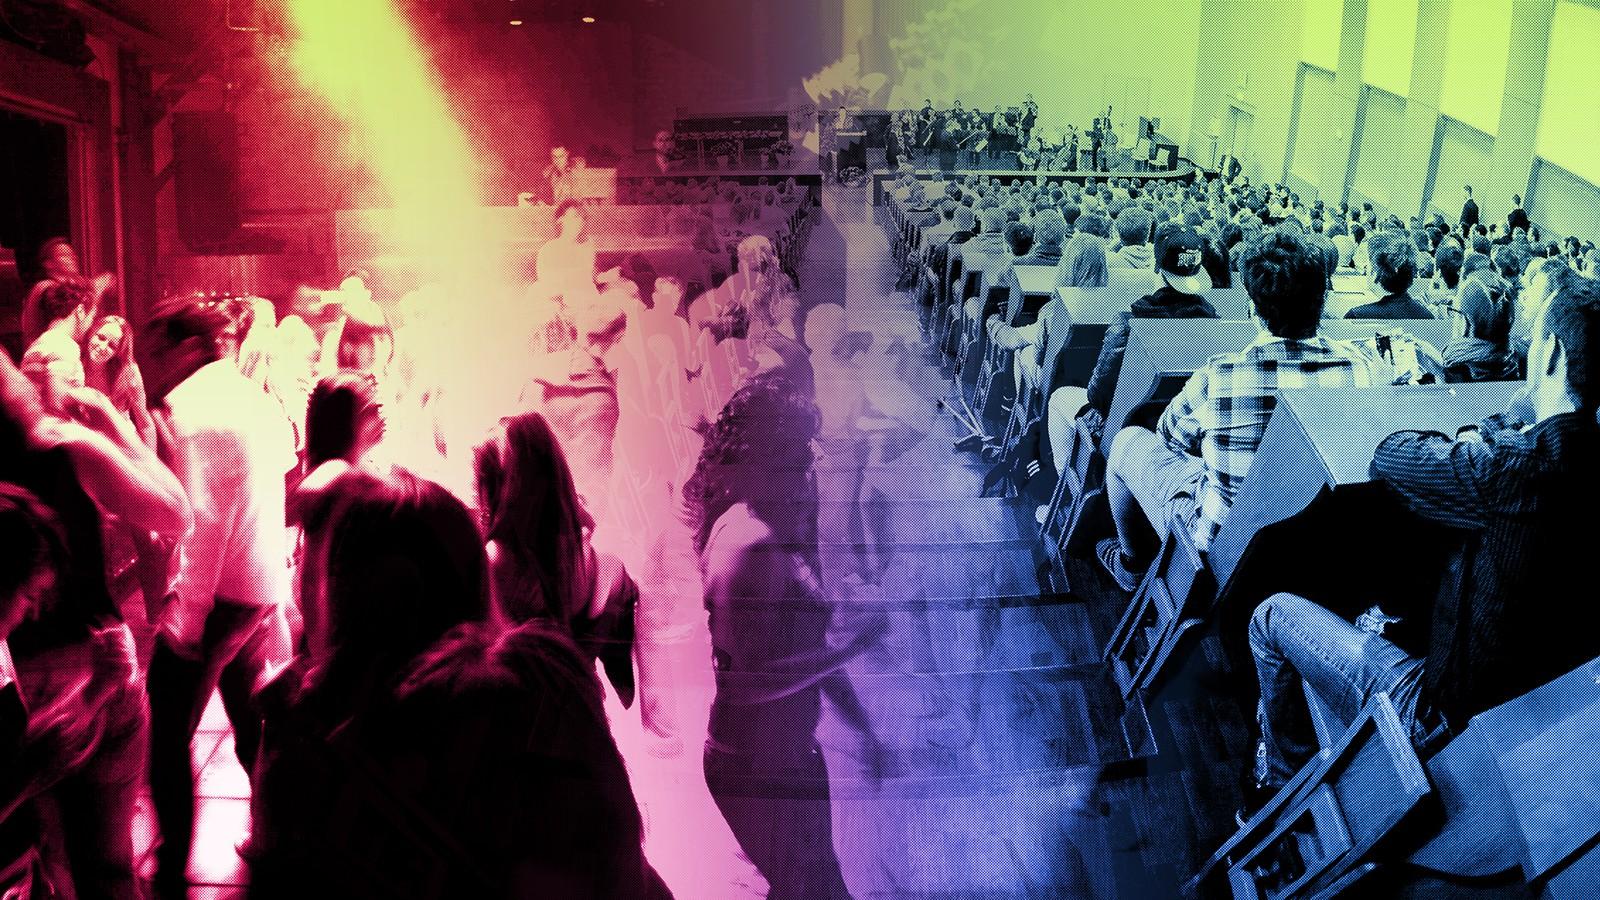 Überraschung! Berliner Studierende nehmen mehr Drogen mehr als andere